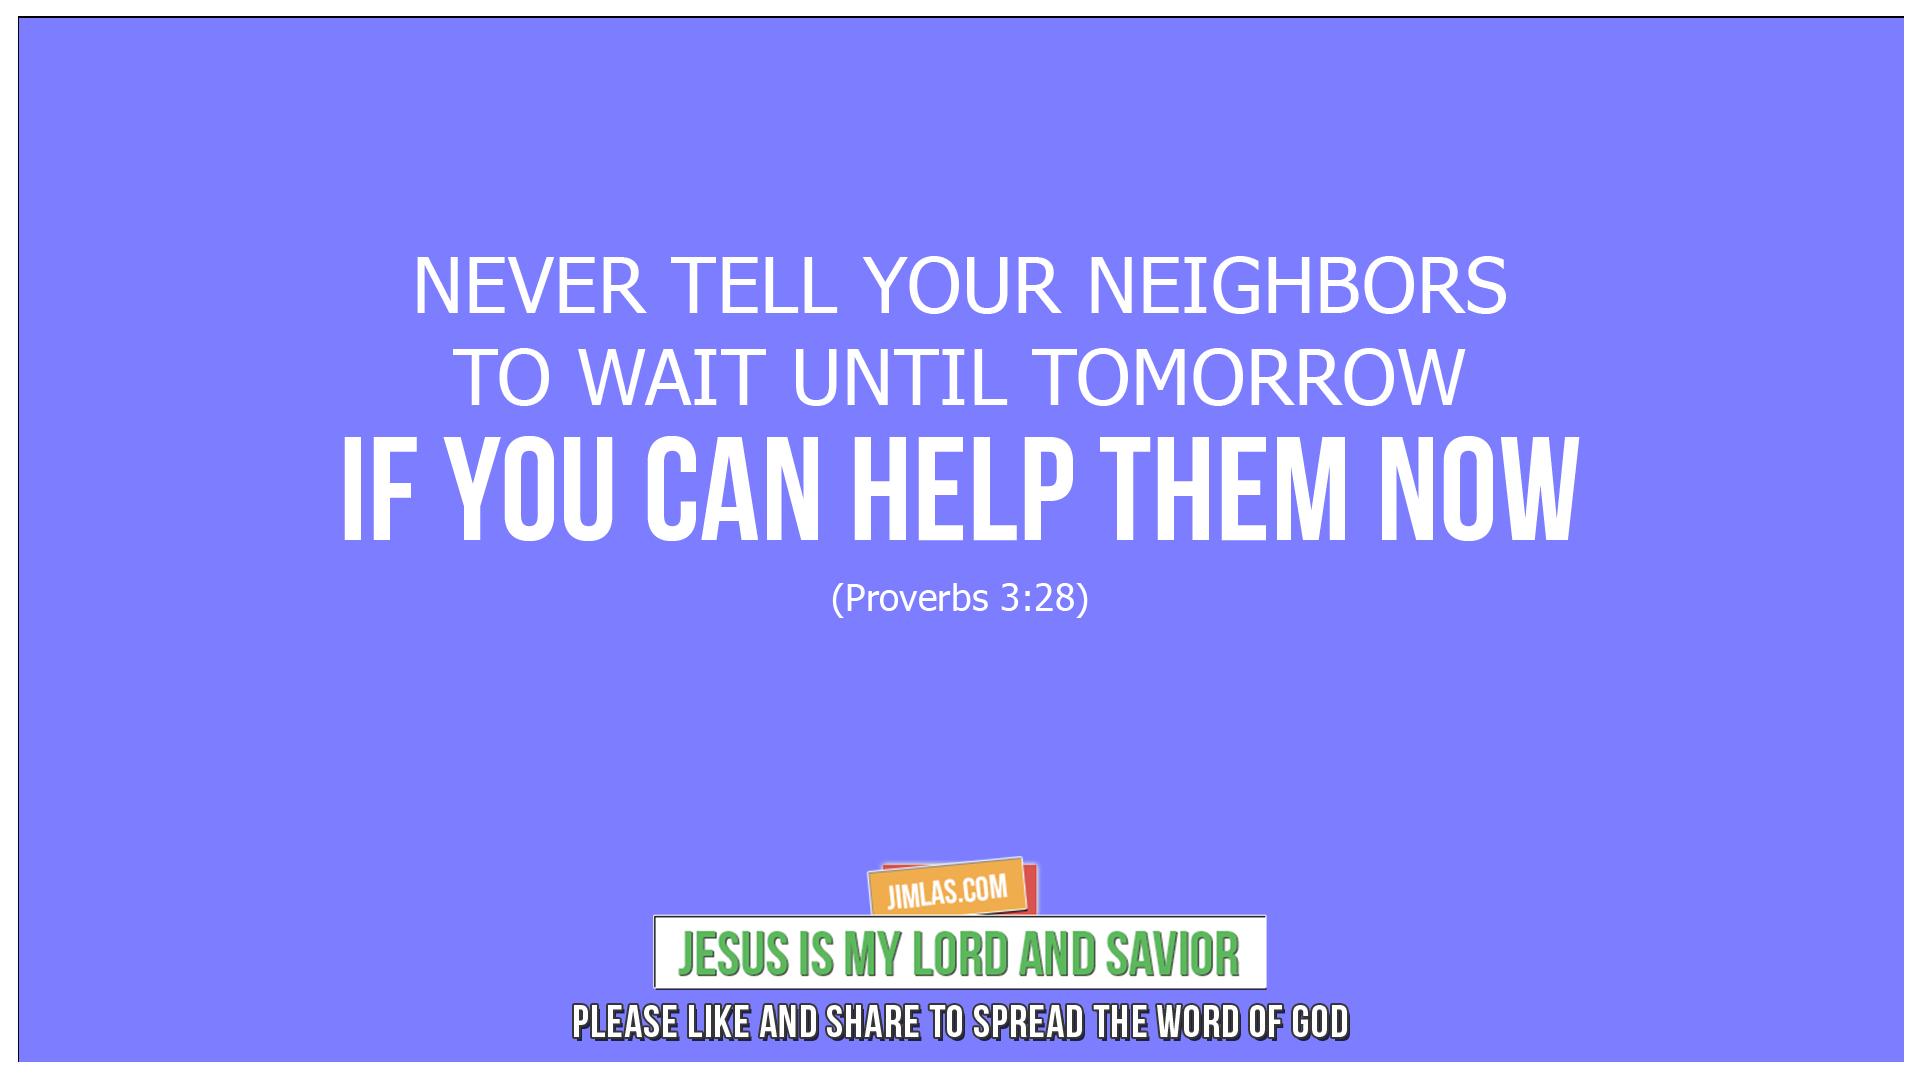 proverbs 3 28, Proverbs 3:28